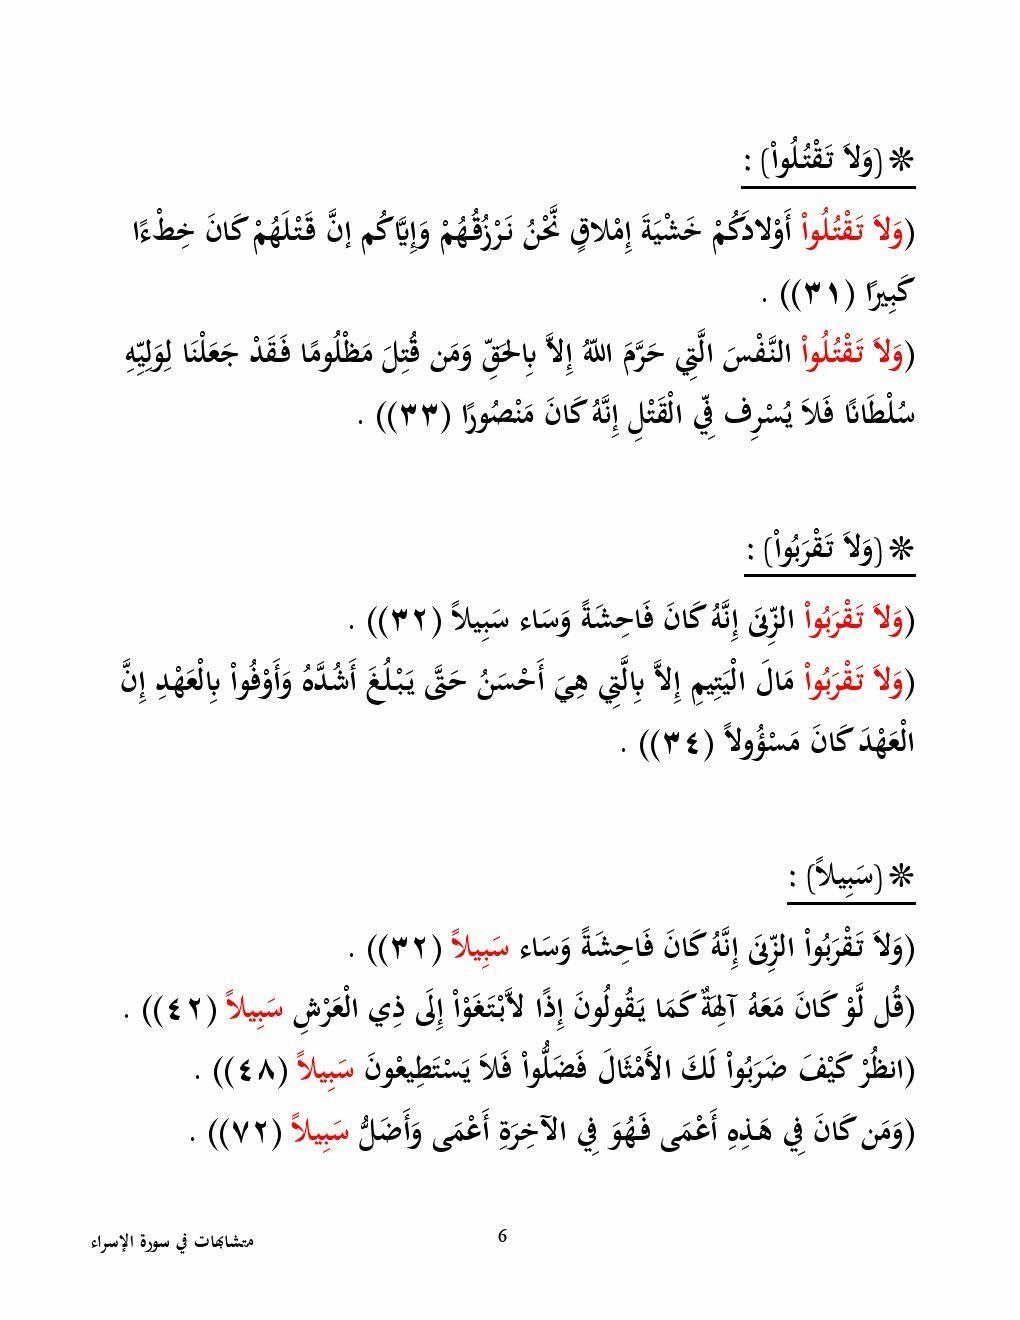 ص ٦ متشابهات سورة الإسراء مع نفسها Wisdom Quran